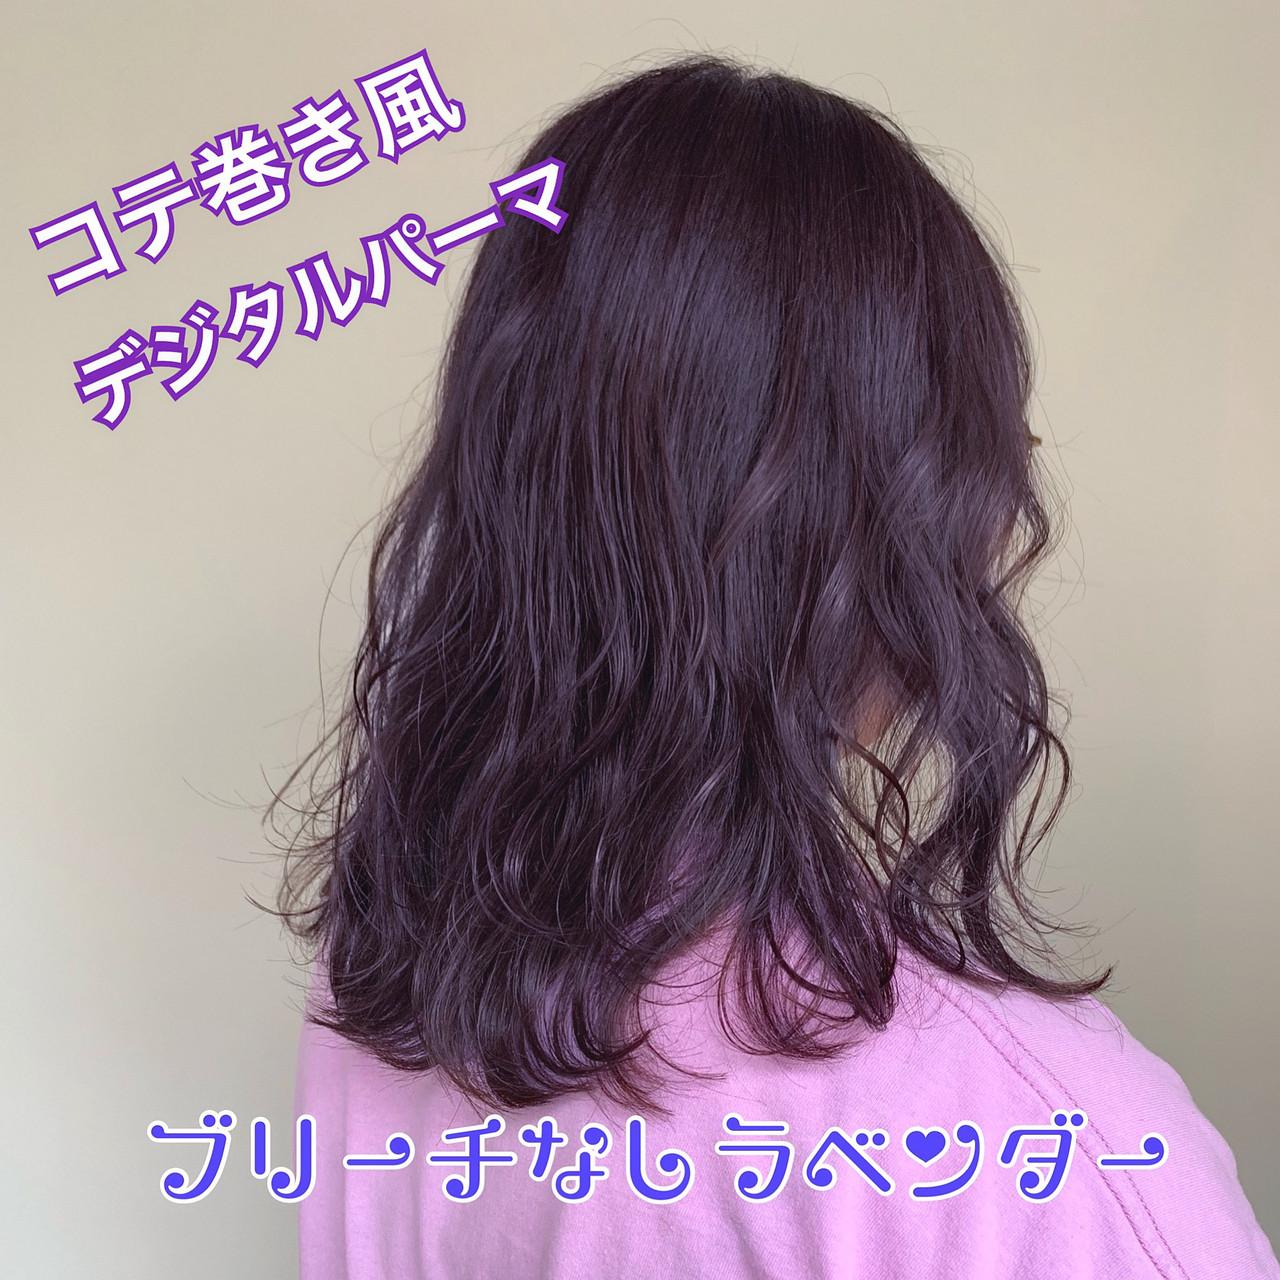 フェミニン ピンクラベンダー ゆるふわパーマ ラベンダーアッシュ ヘアスタイルや髪型の写真・画像